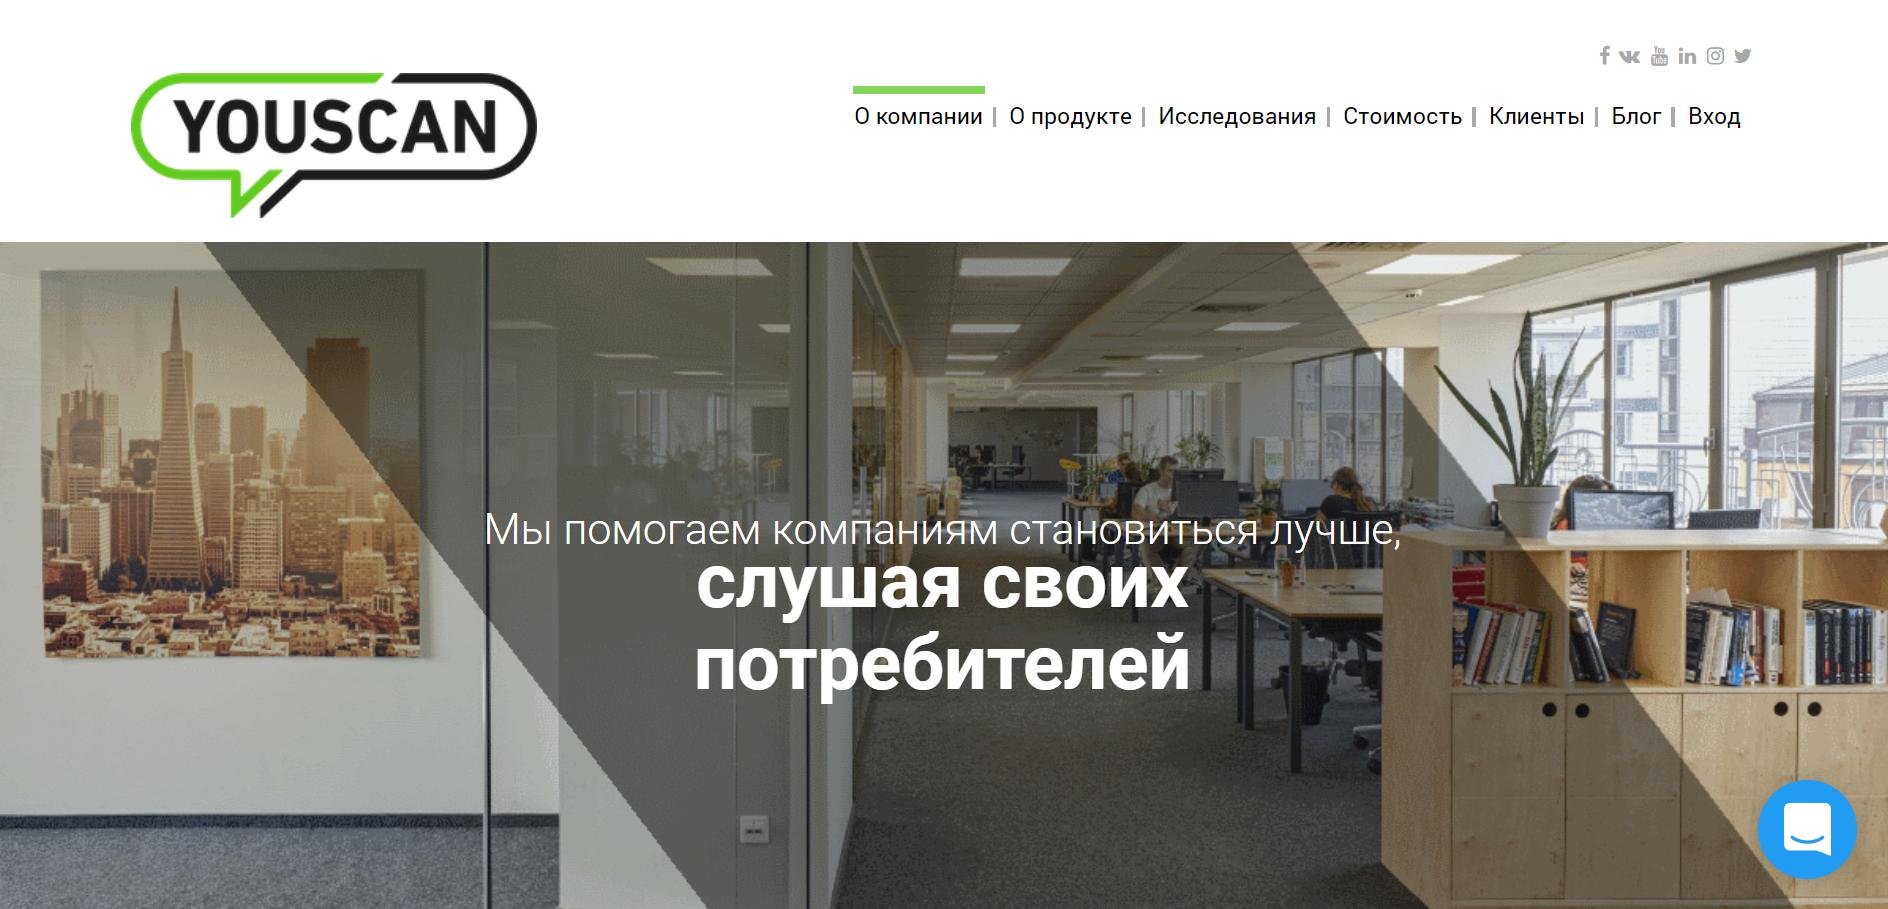 Сервисы мониторинга социальных сетей — Youscan, главная страница